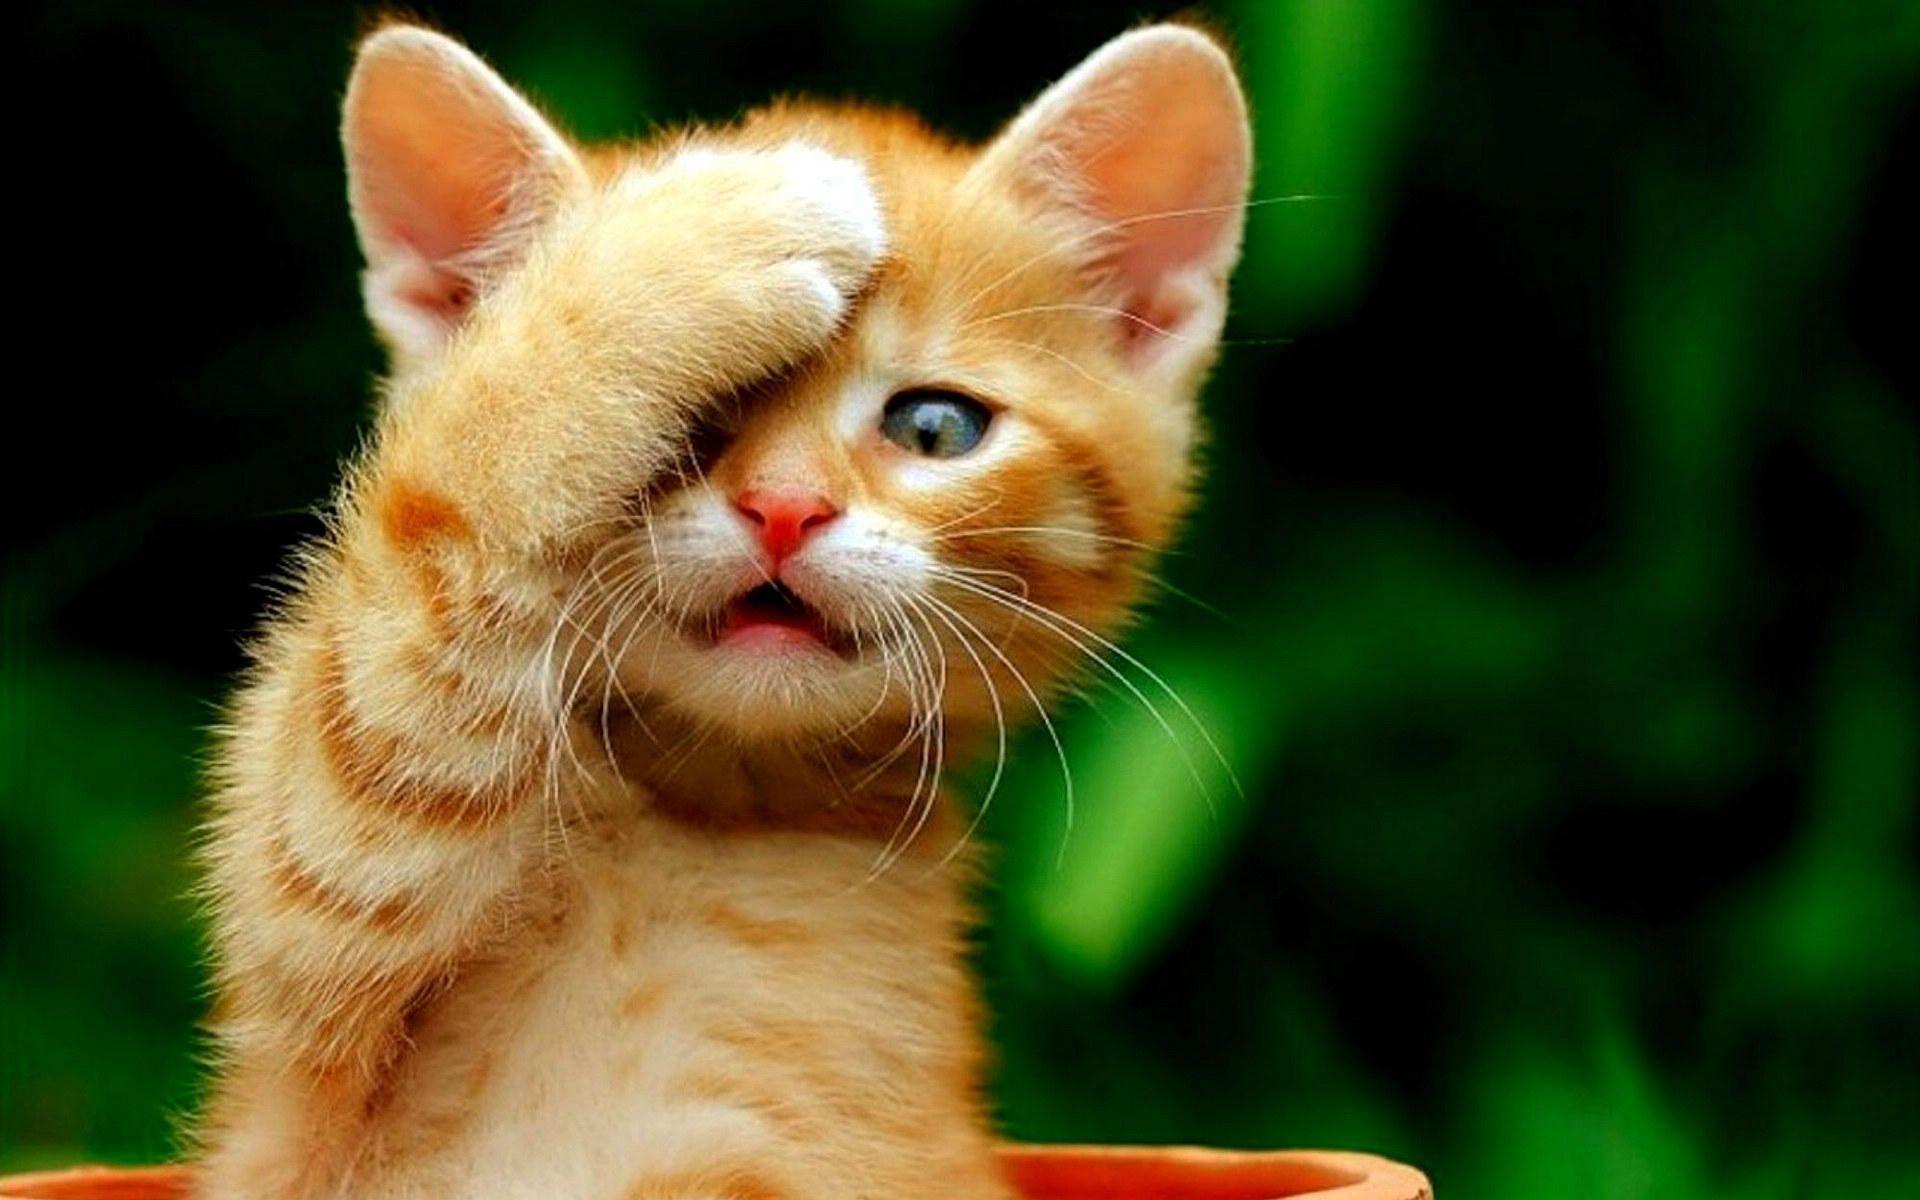 Hình nền những chú mèo dễ thương 1920x1200